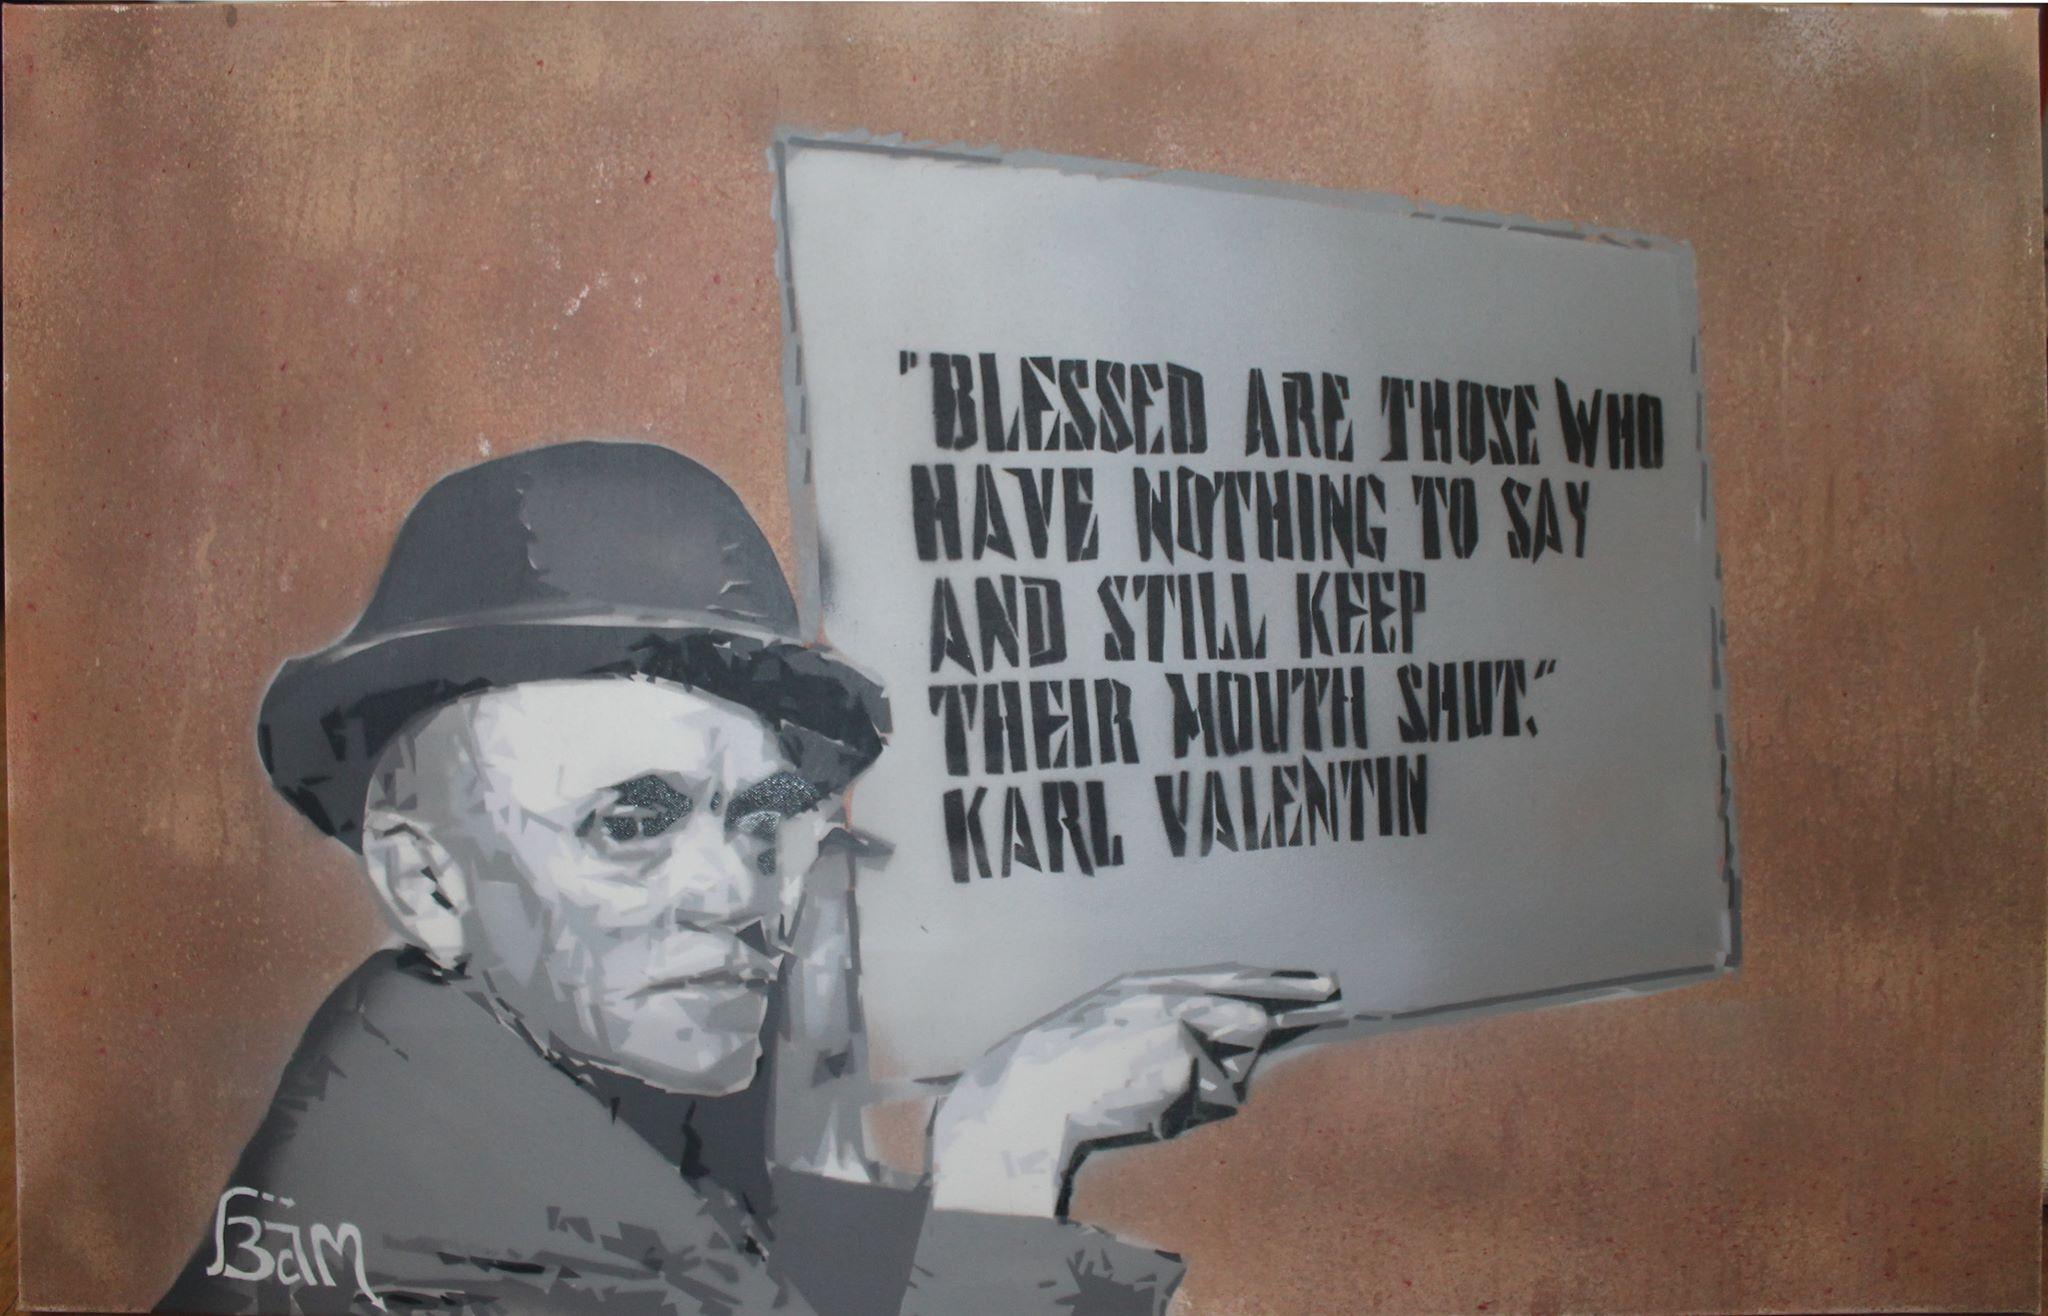 Karl Valentin - Bam